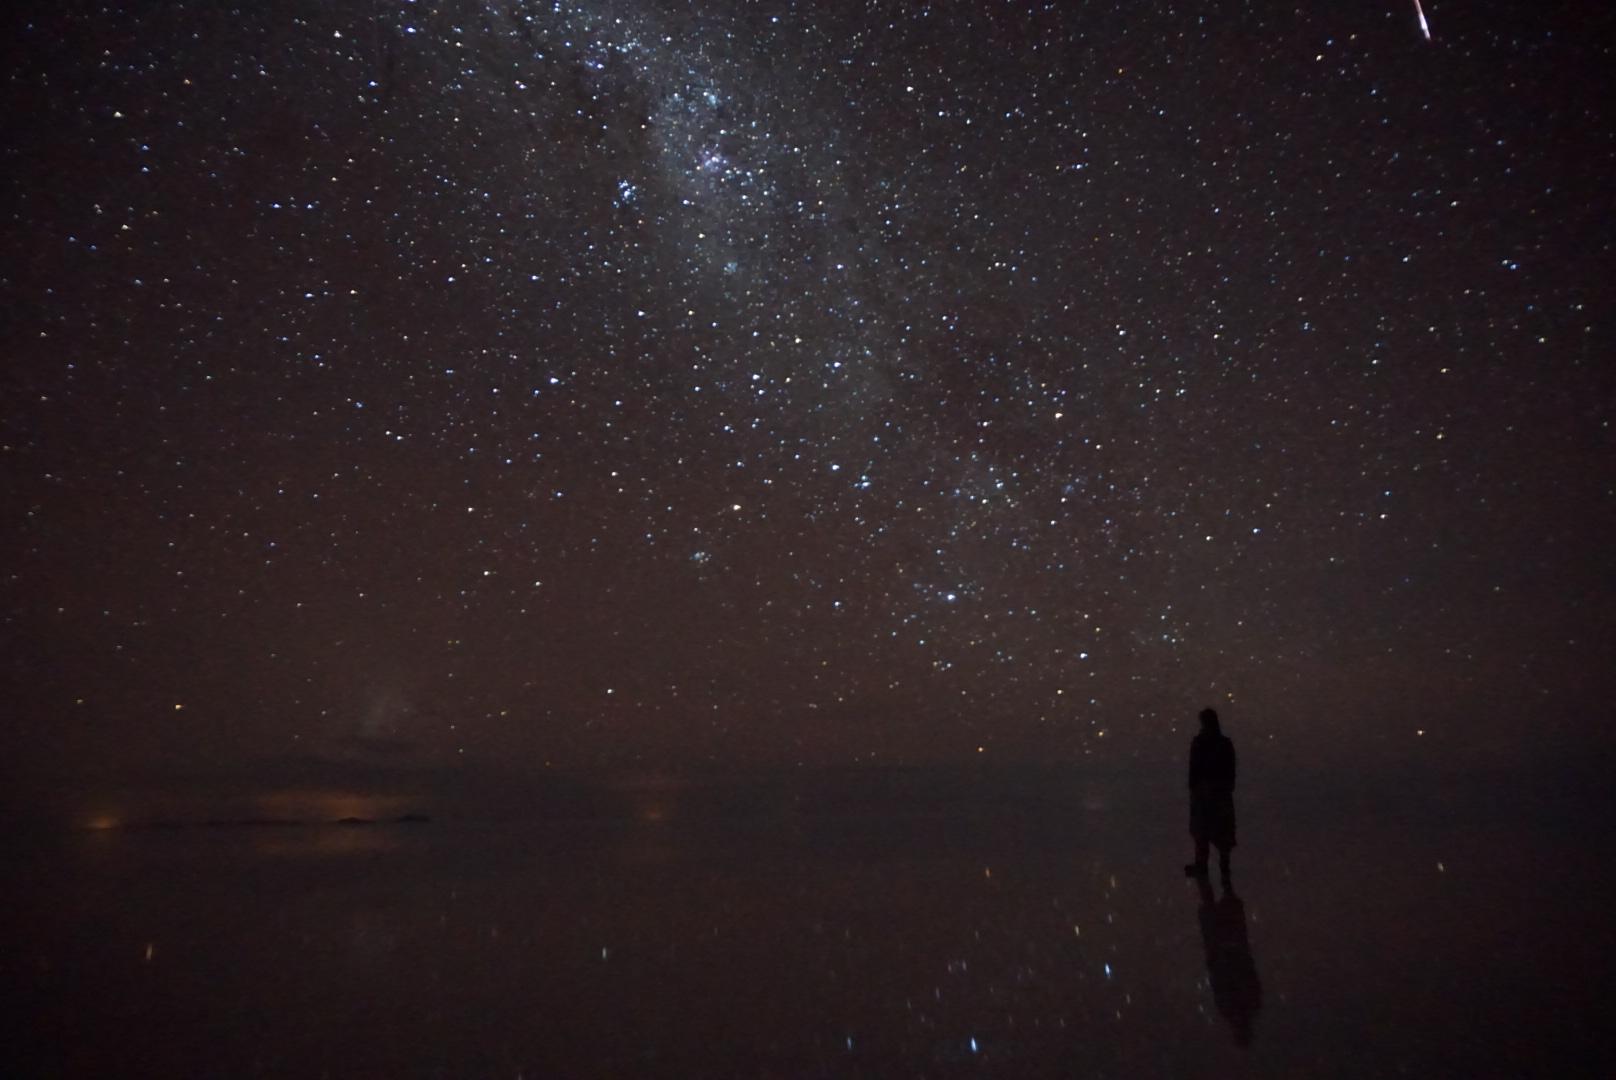 鏡張りのウユニ塩湖の星空